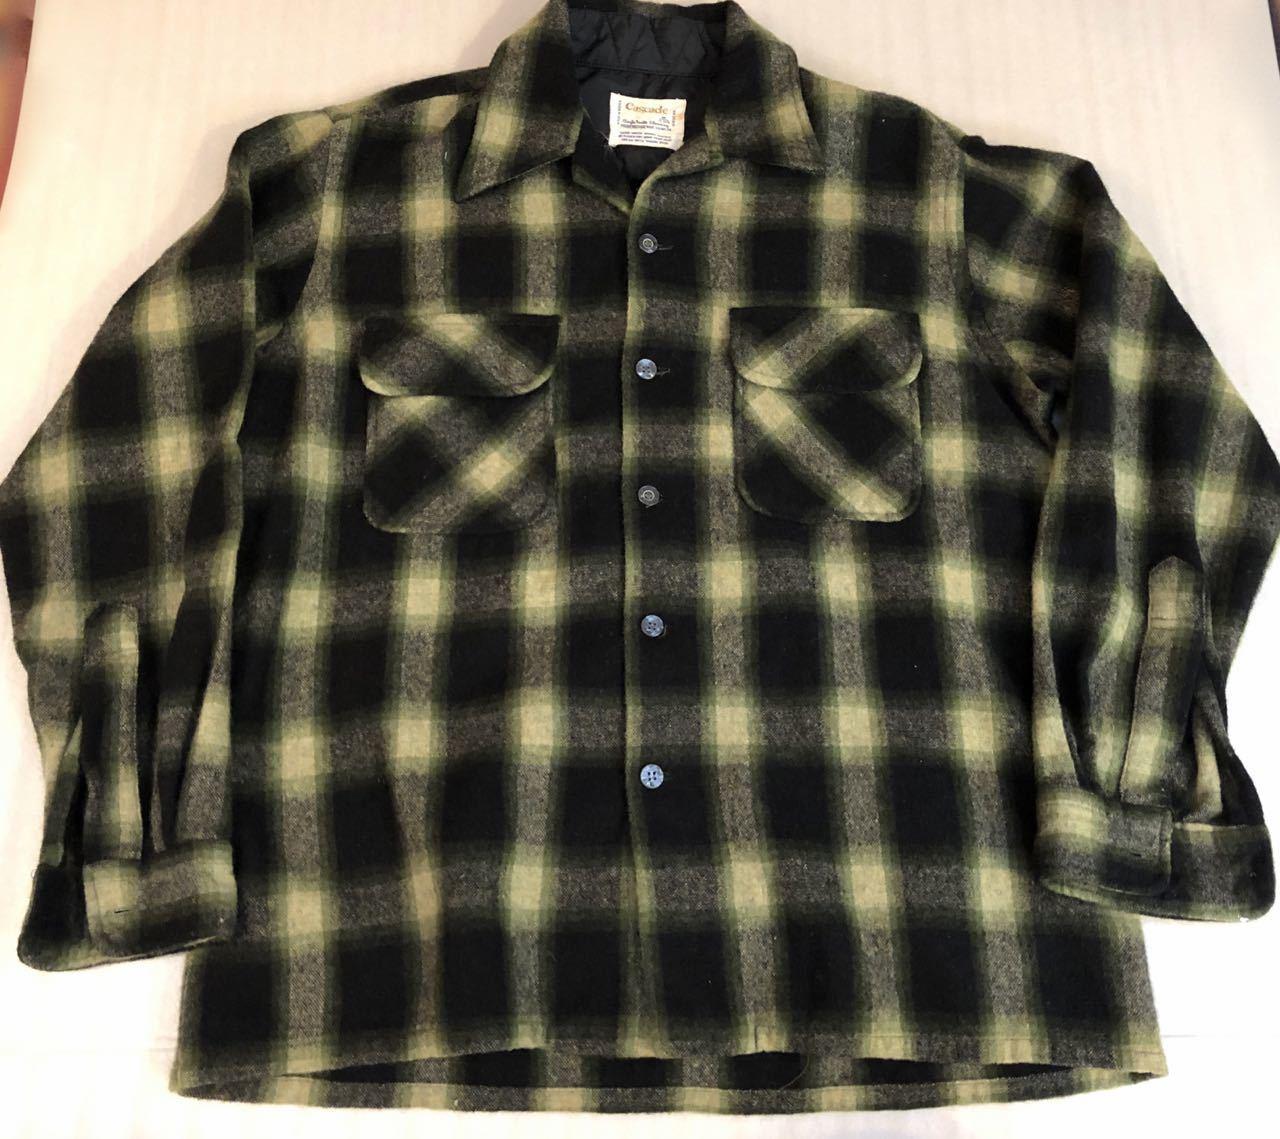 12月29日(日)入荷!60s〜オンブレ オープンカラーウールシャツ wool shirts!_c0144020_19263566.jpg